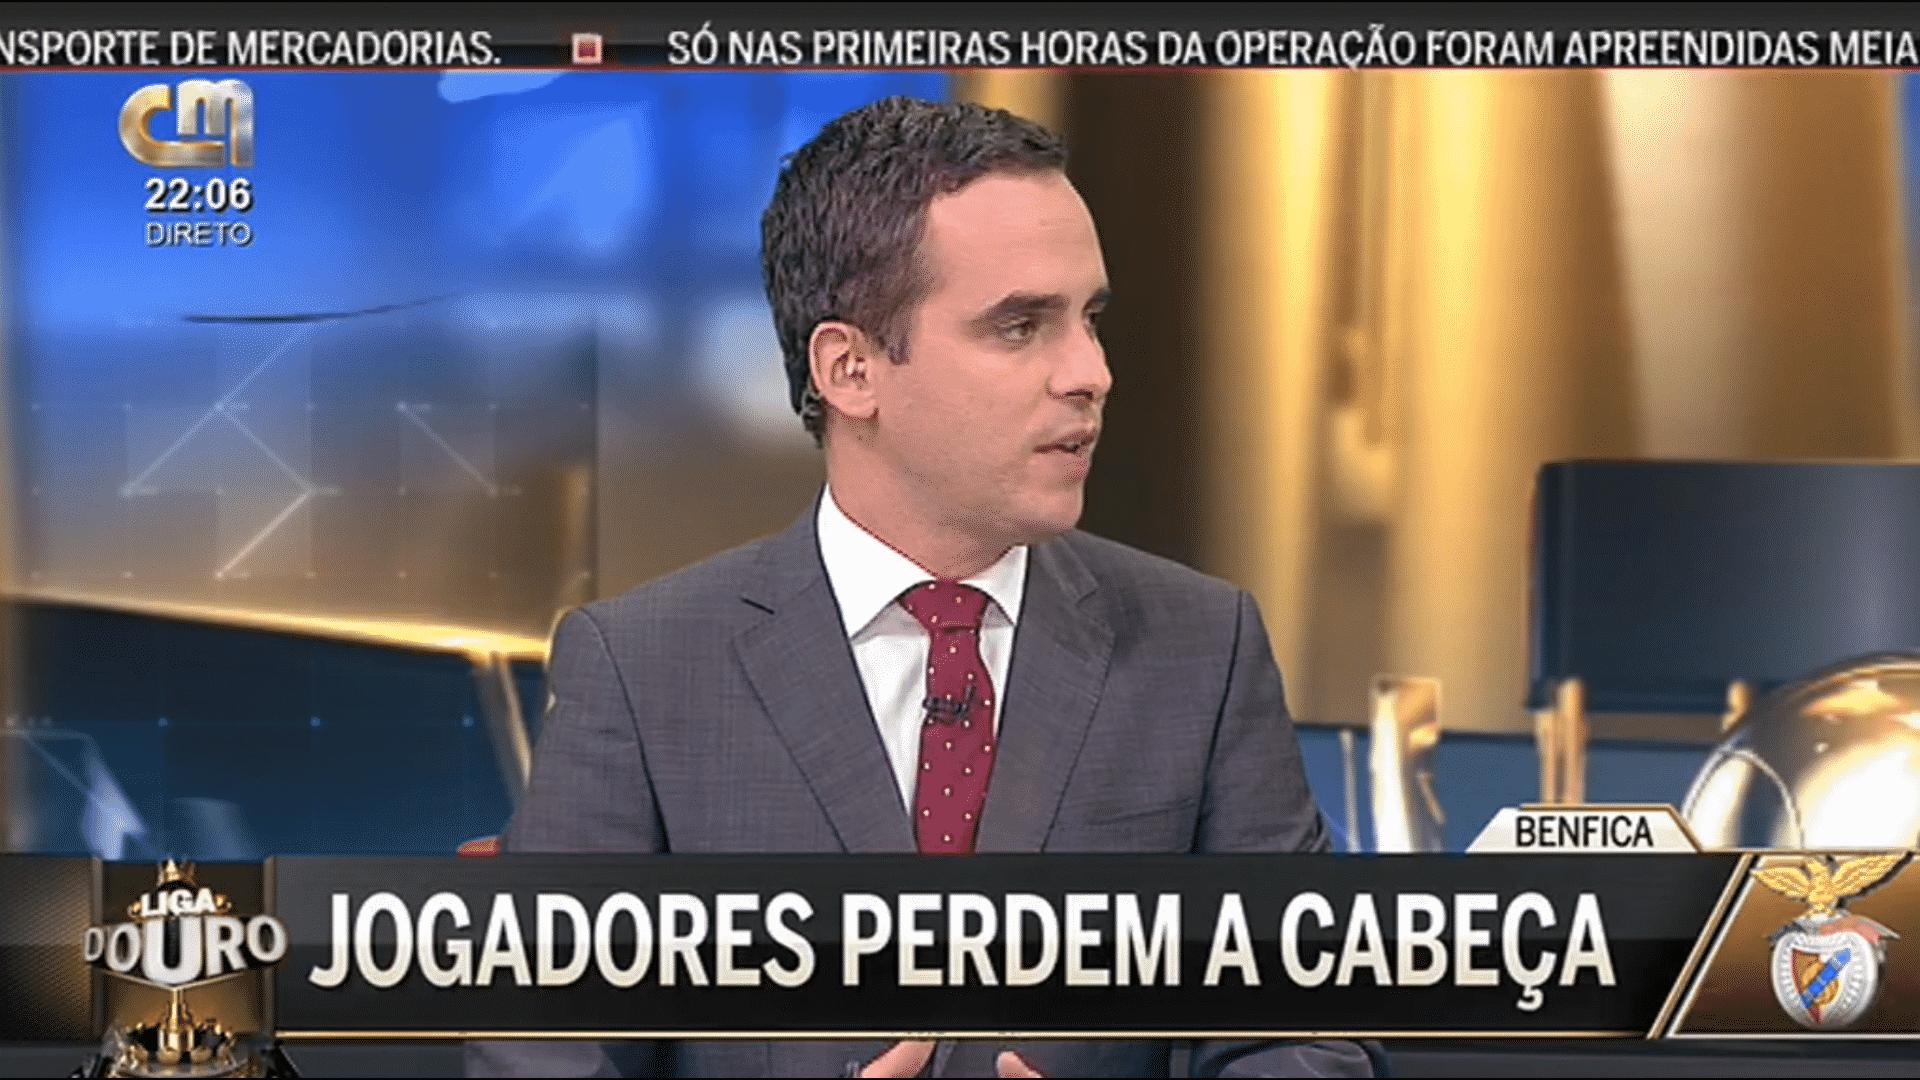 Video ▶ CMTV passa video de propaganda contra o Benfica.